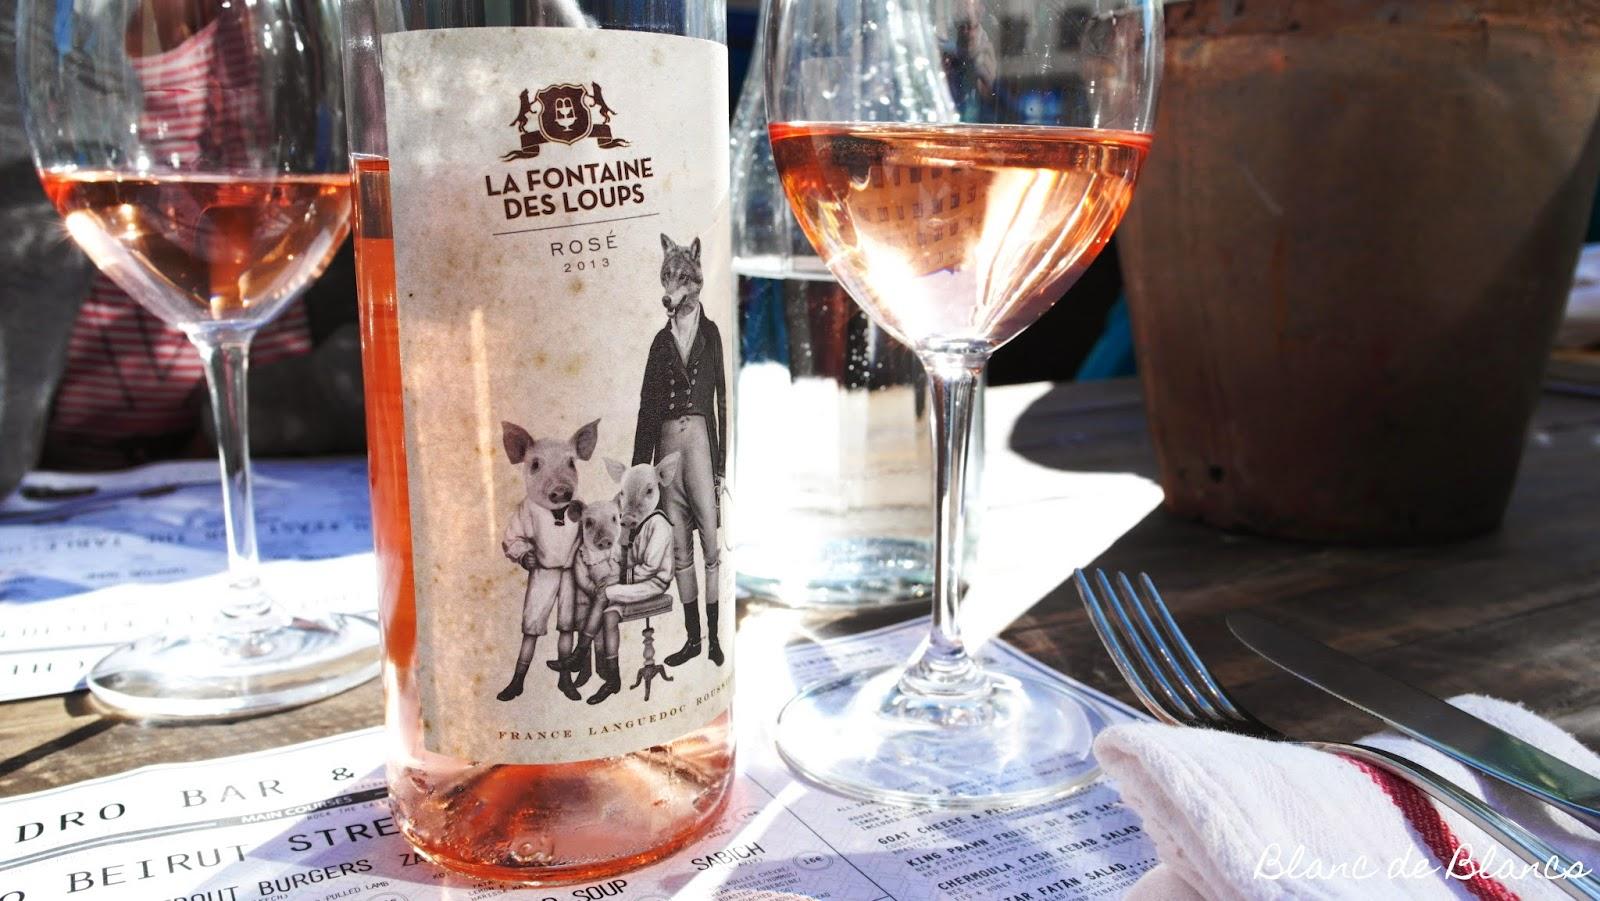 La Fontaine des Loups Rosé 2013 - www.blancdeblancs.fi